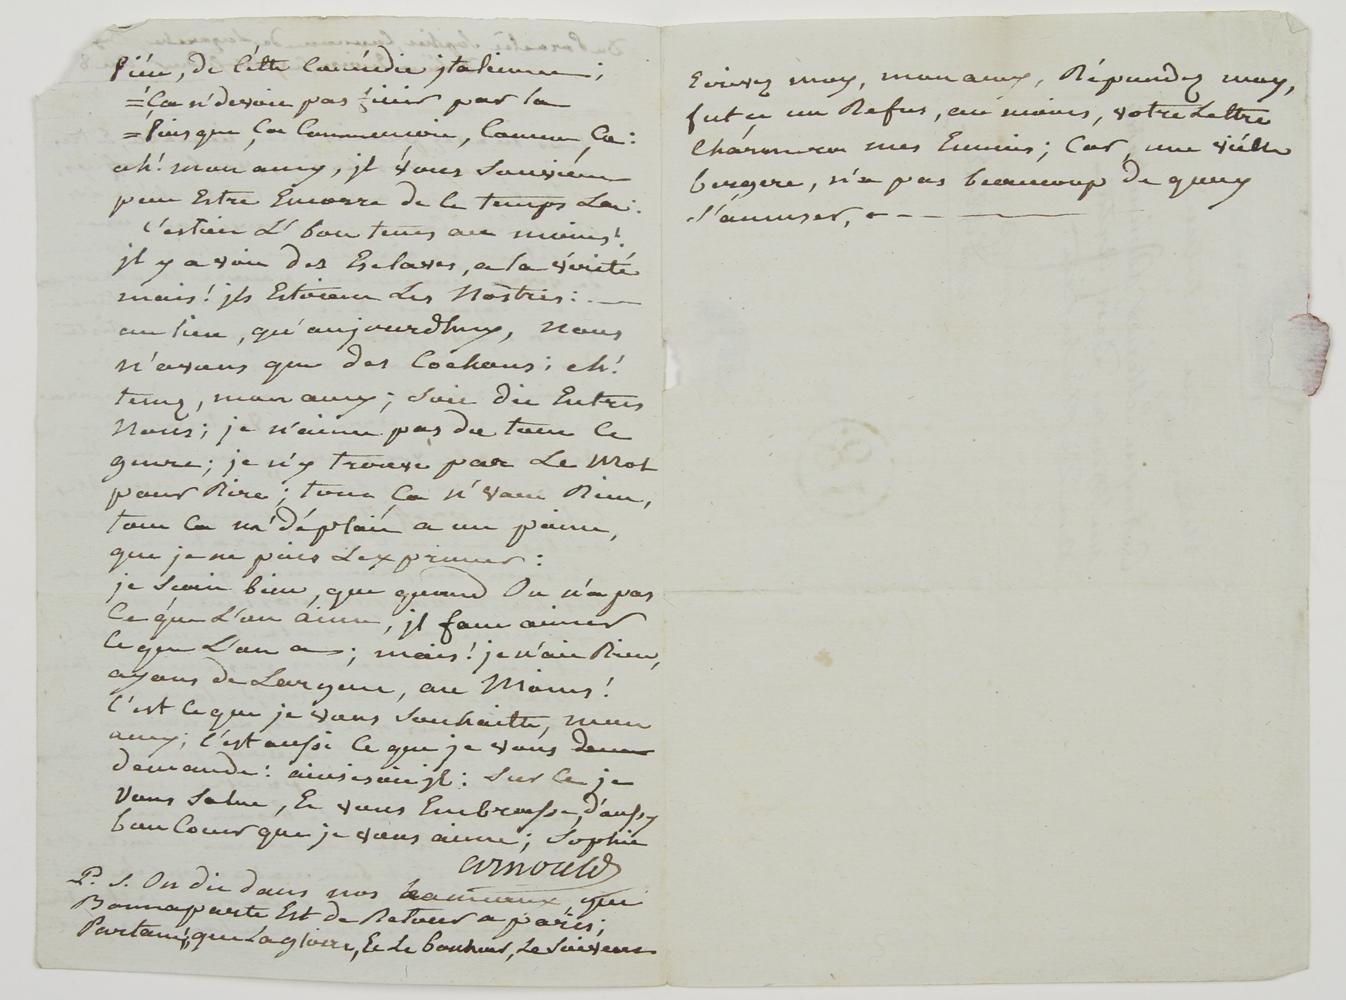 sophie-arnould-1744-1803-cantatrice-interprete-de-gluck-dont-elle-crea-leurydice-et-iphigenie-en-aulide-l-a-s-du-paraclet-sophie-commune-de-luzarches-dep-de-seine-et-oise-17-messidor-viii-6-juillet-1800-au-citoyen-cellerier--311